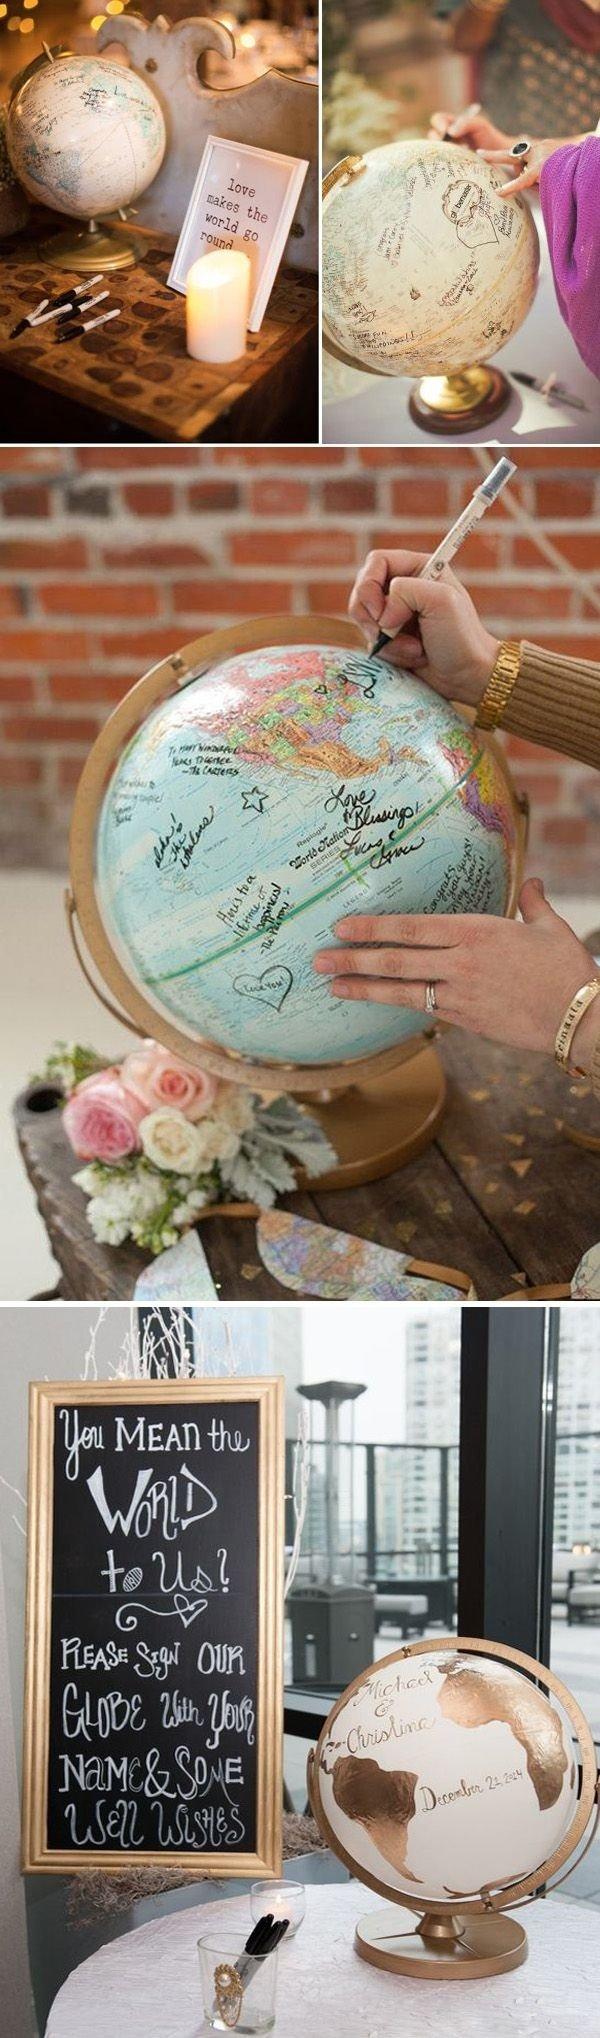 23 unique wedding guest book ideas for your big day | unique